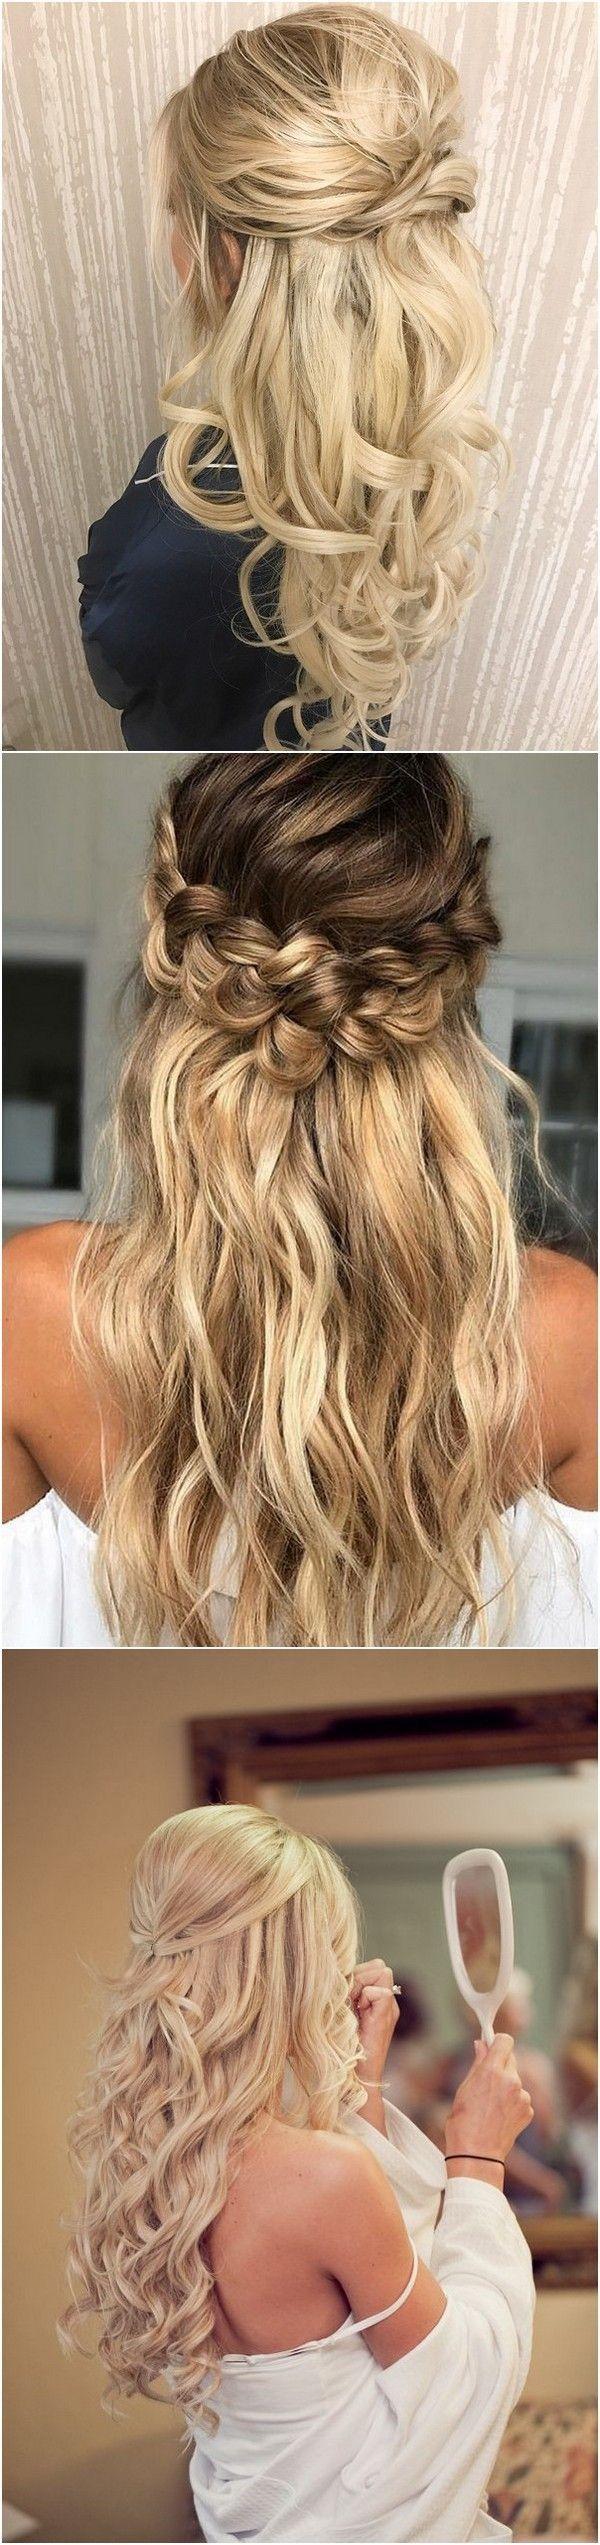 Half Up Half Down Wedding Hairstyles Ideas #easyhairstylesforprom